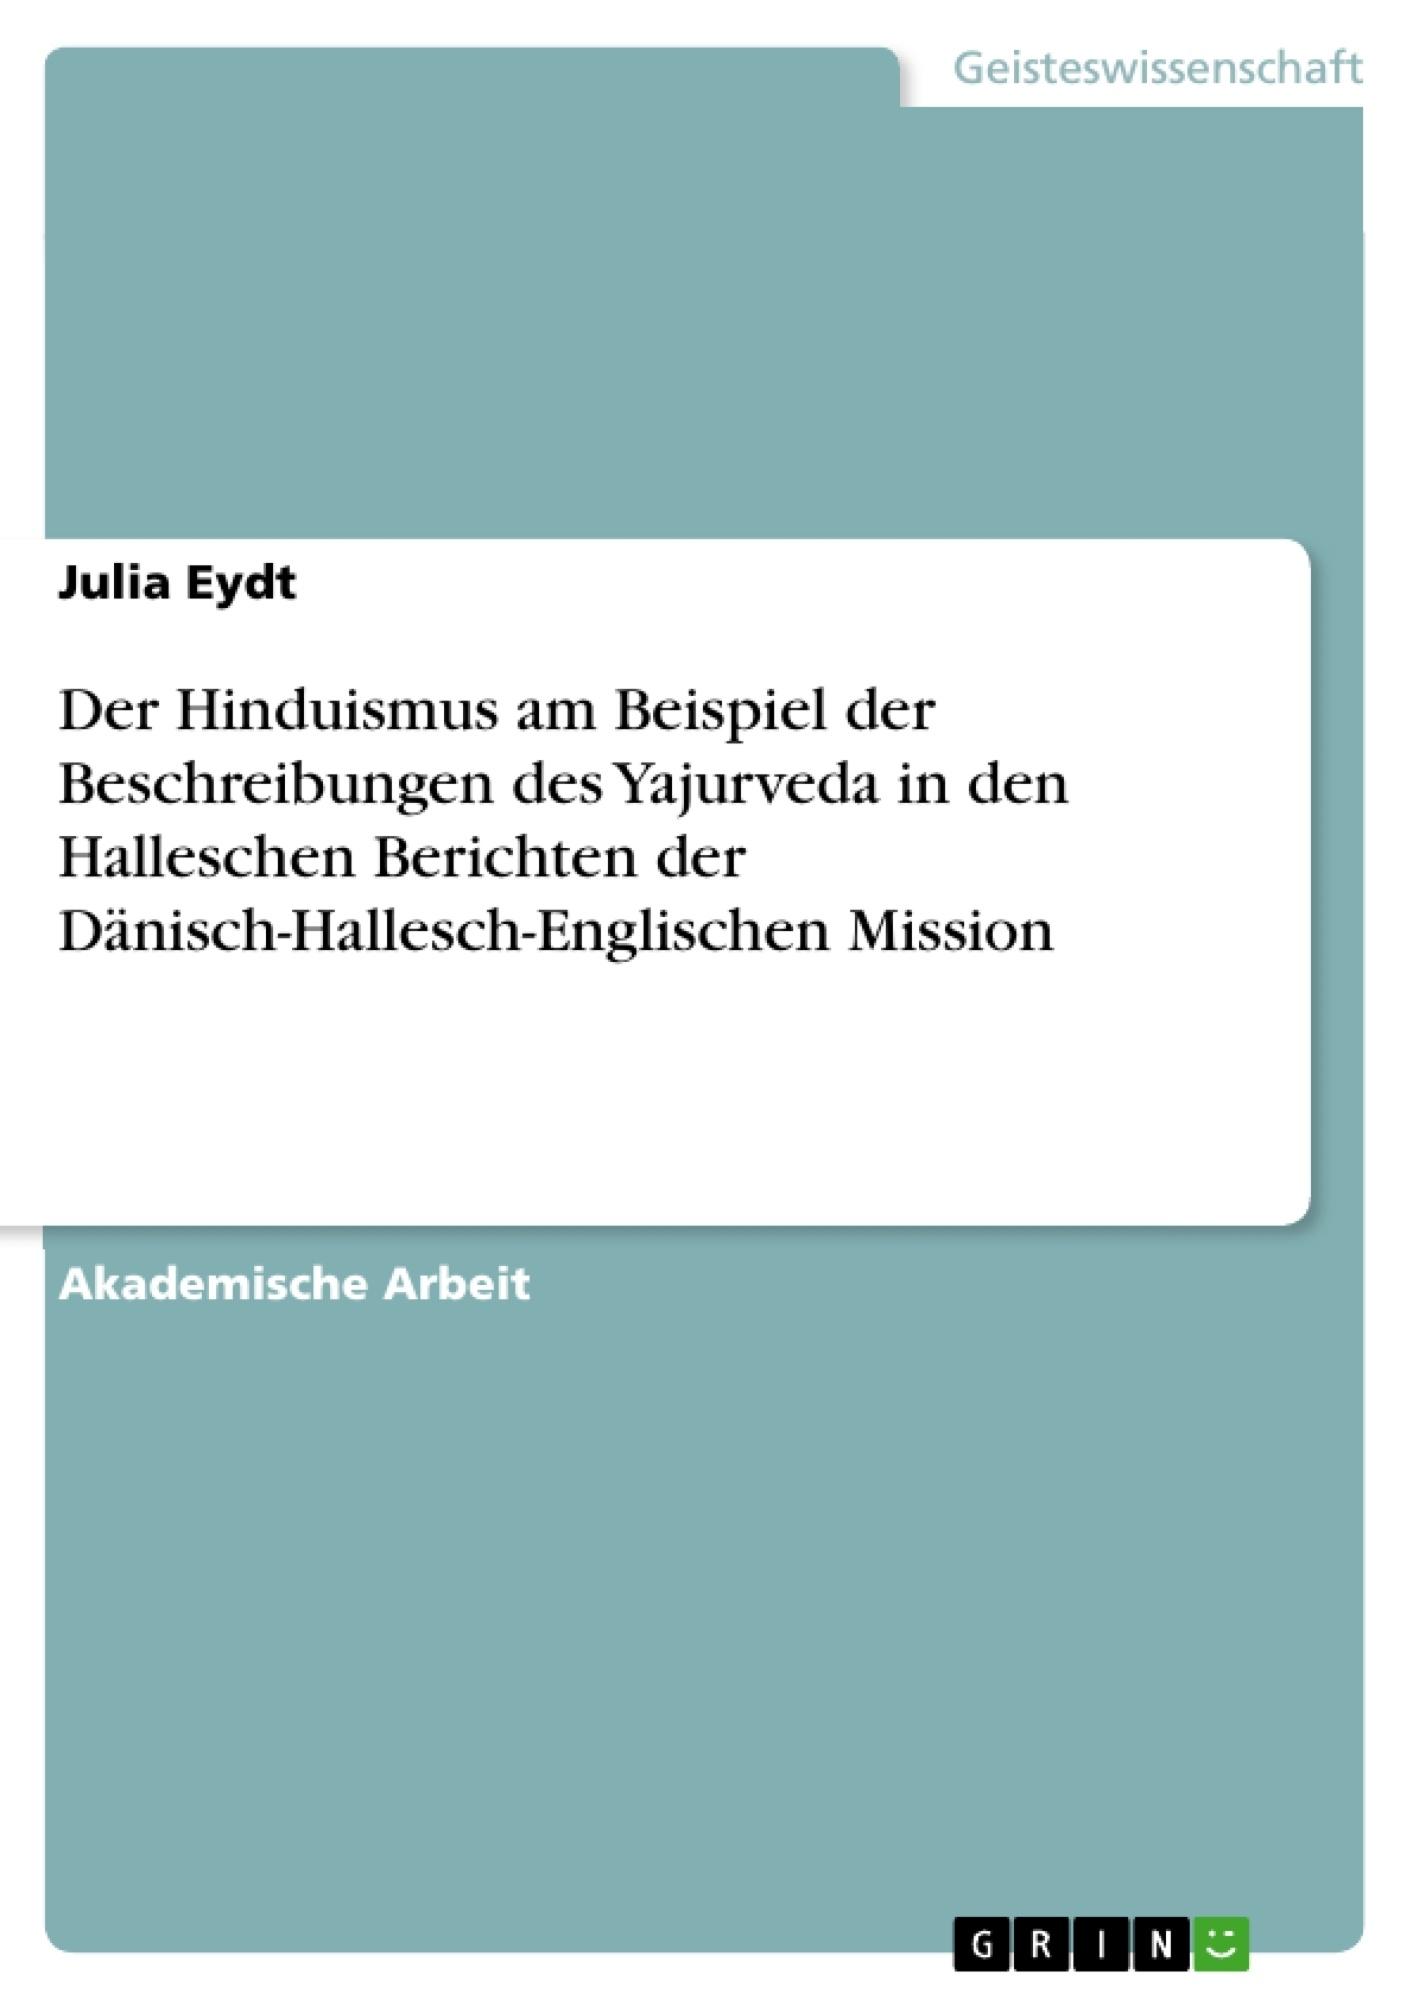 Titel: Der Hinduismus am Beispiel der Beschreibungen des Yajurveda in den Halleschen Berichten der Dänisch-Hallesch-Englischen Mission